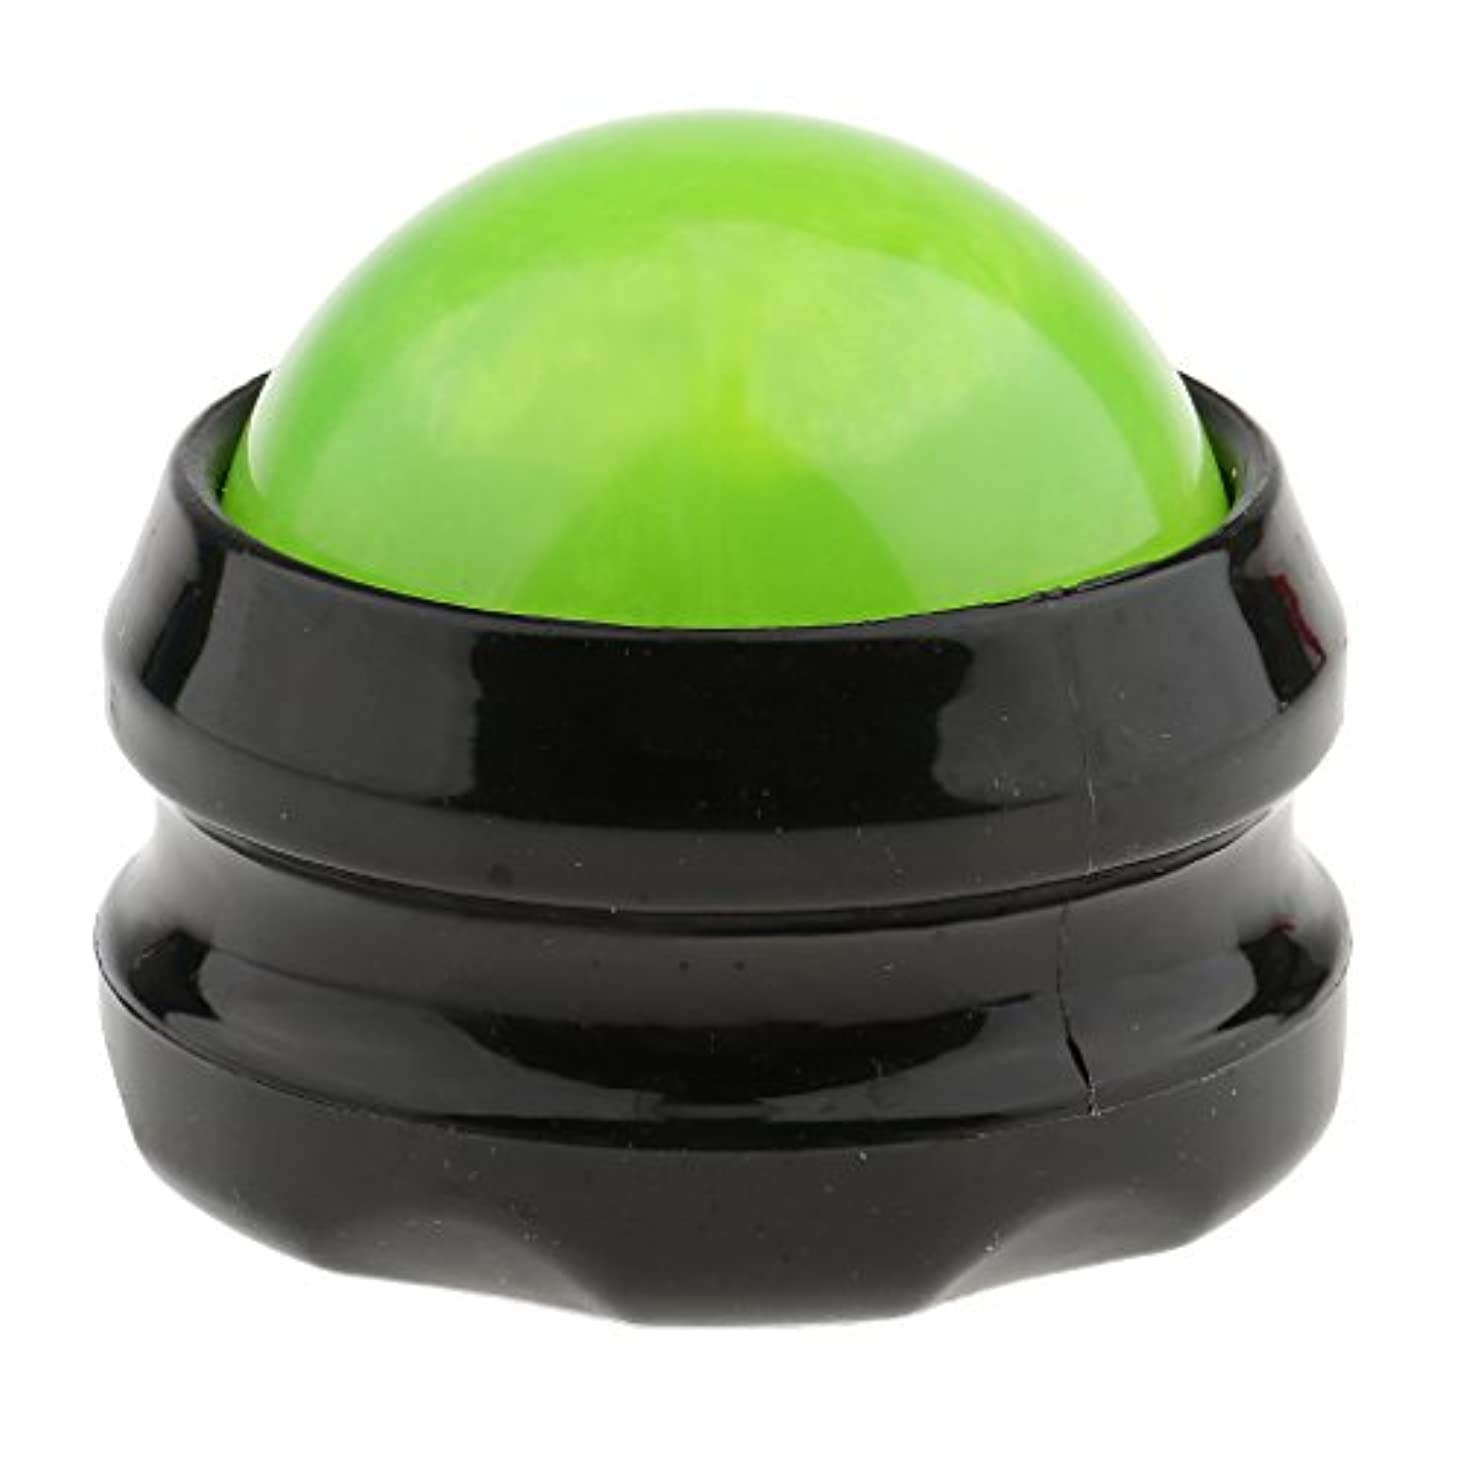 溶融歯痛捨てるHellery マッサージ ローラーボール ボディマッサージ 自宅 オフィス 旅行 SPA 全4色 - グリーンブラック